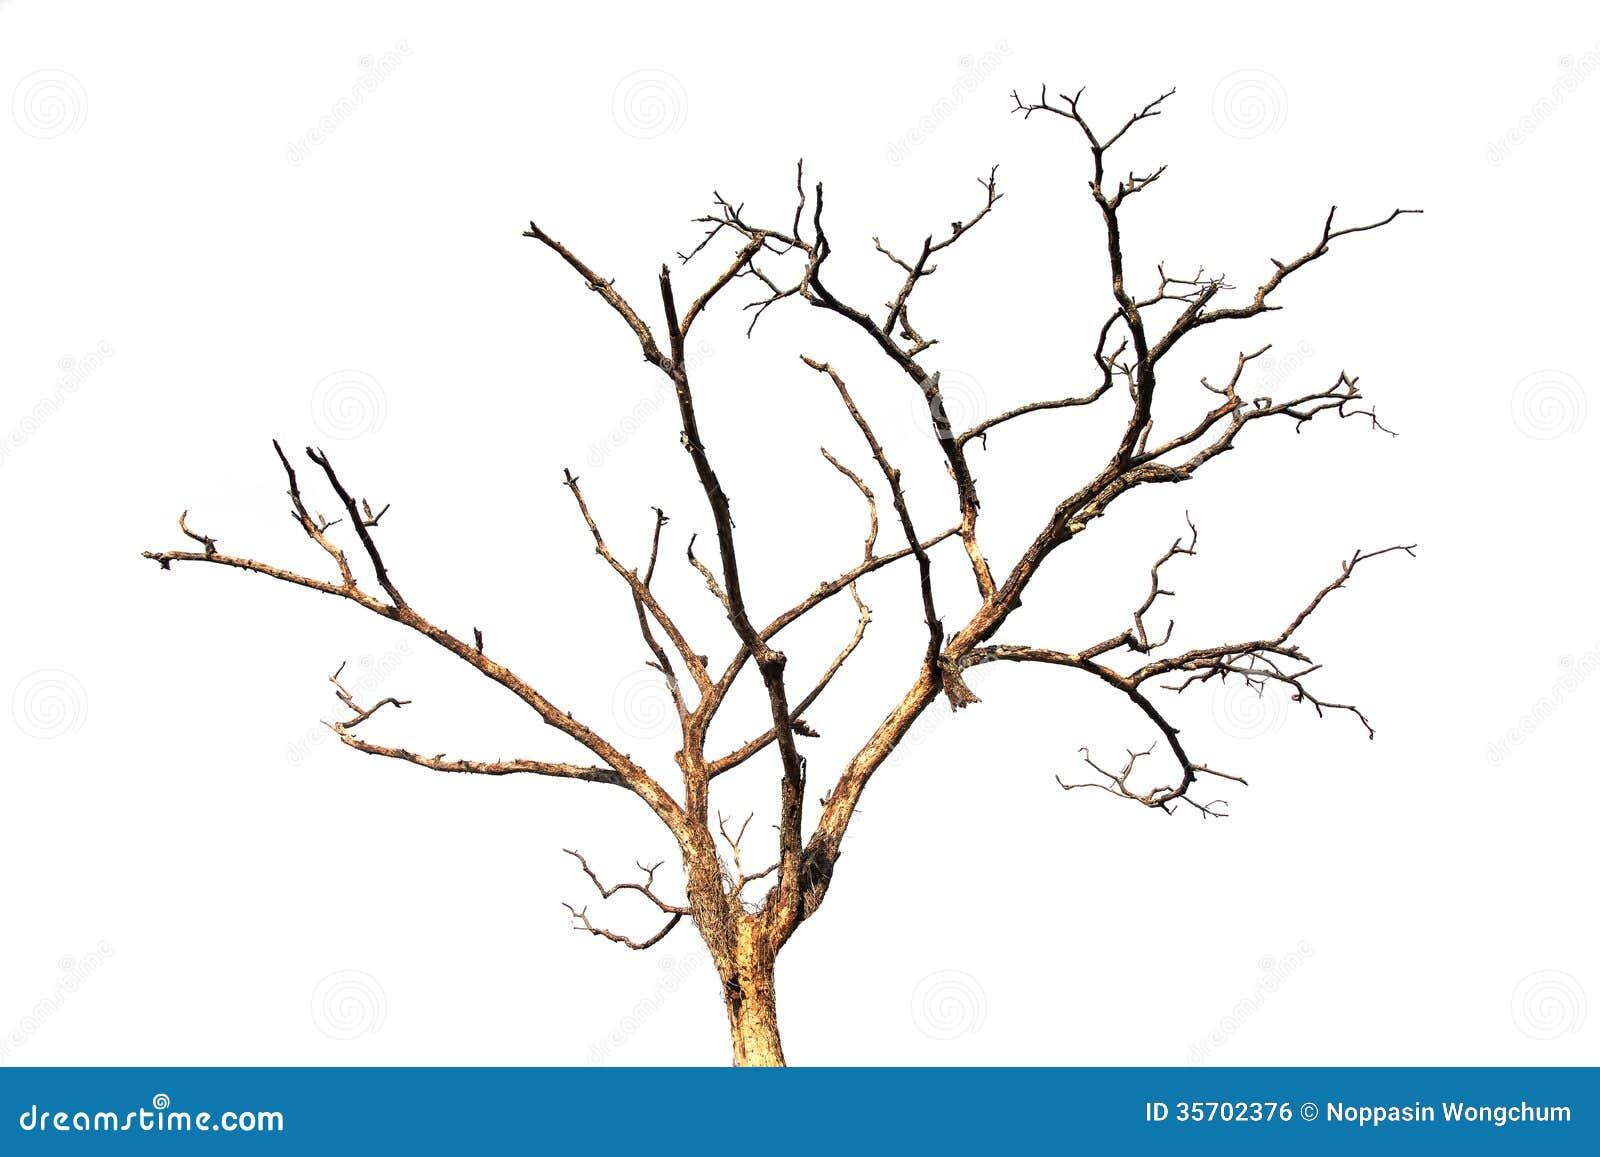 branche d 39 arbre morte d 39 isolement image libre de droits image 35702376. Black Bedroom Furniture Sets. Home Design Ideas